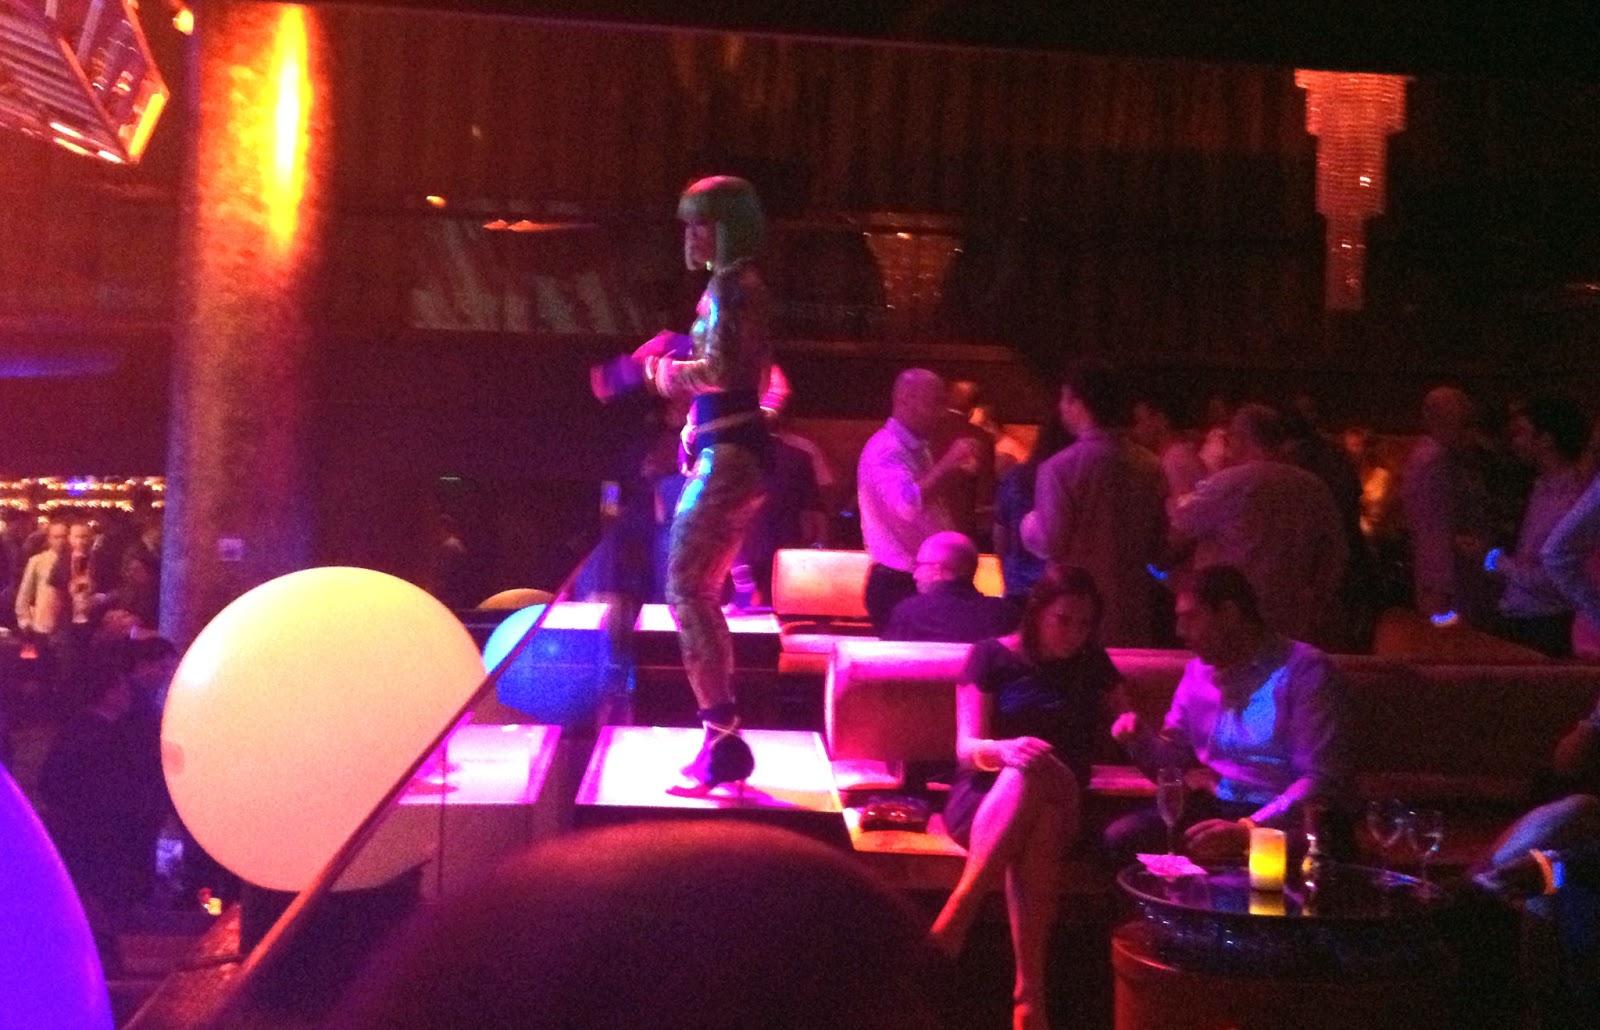 3730 las vegas -  1931 Haze Nightclub Aria Las Vegas 10 11 2012